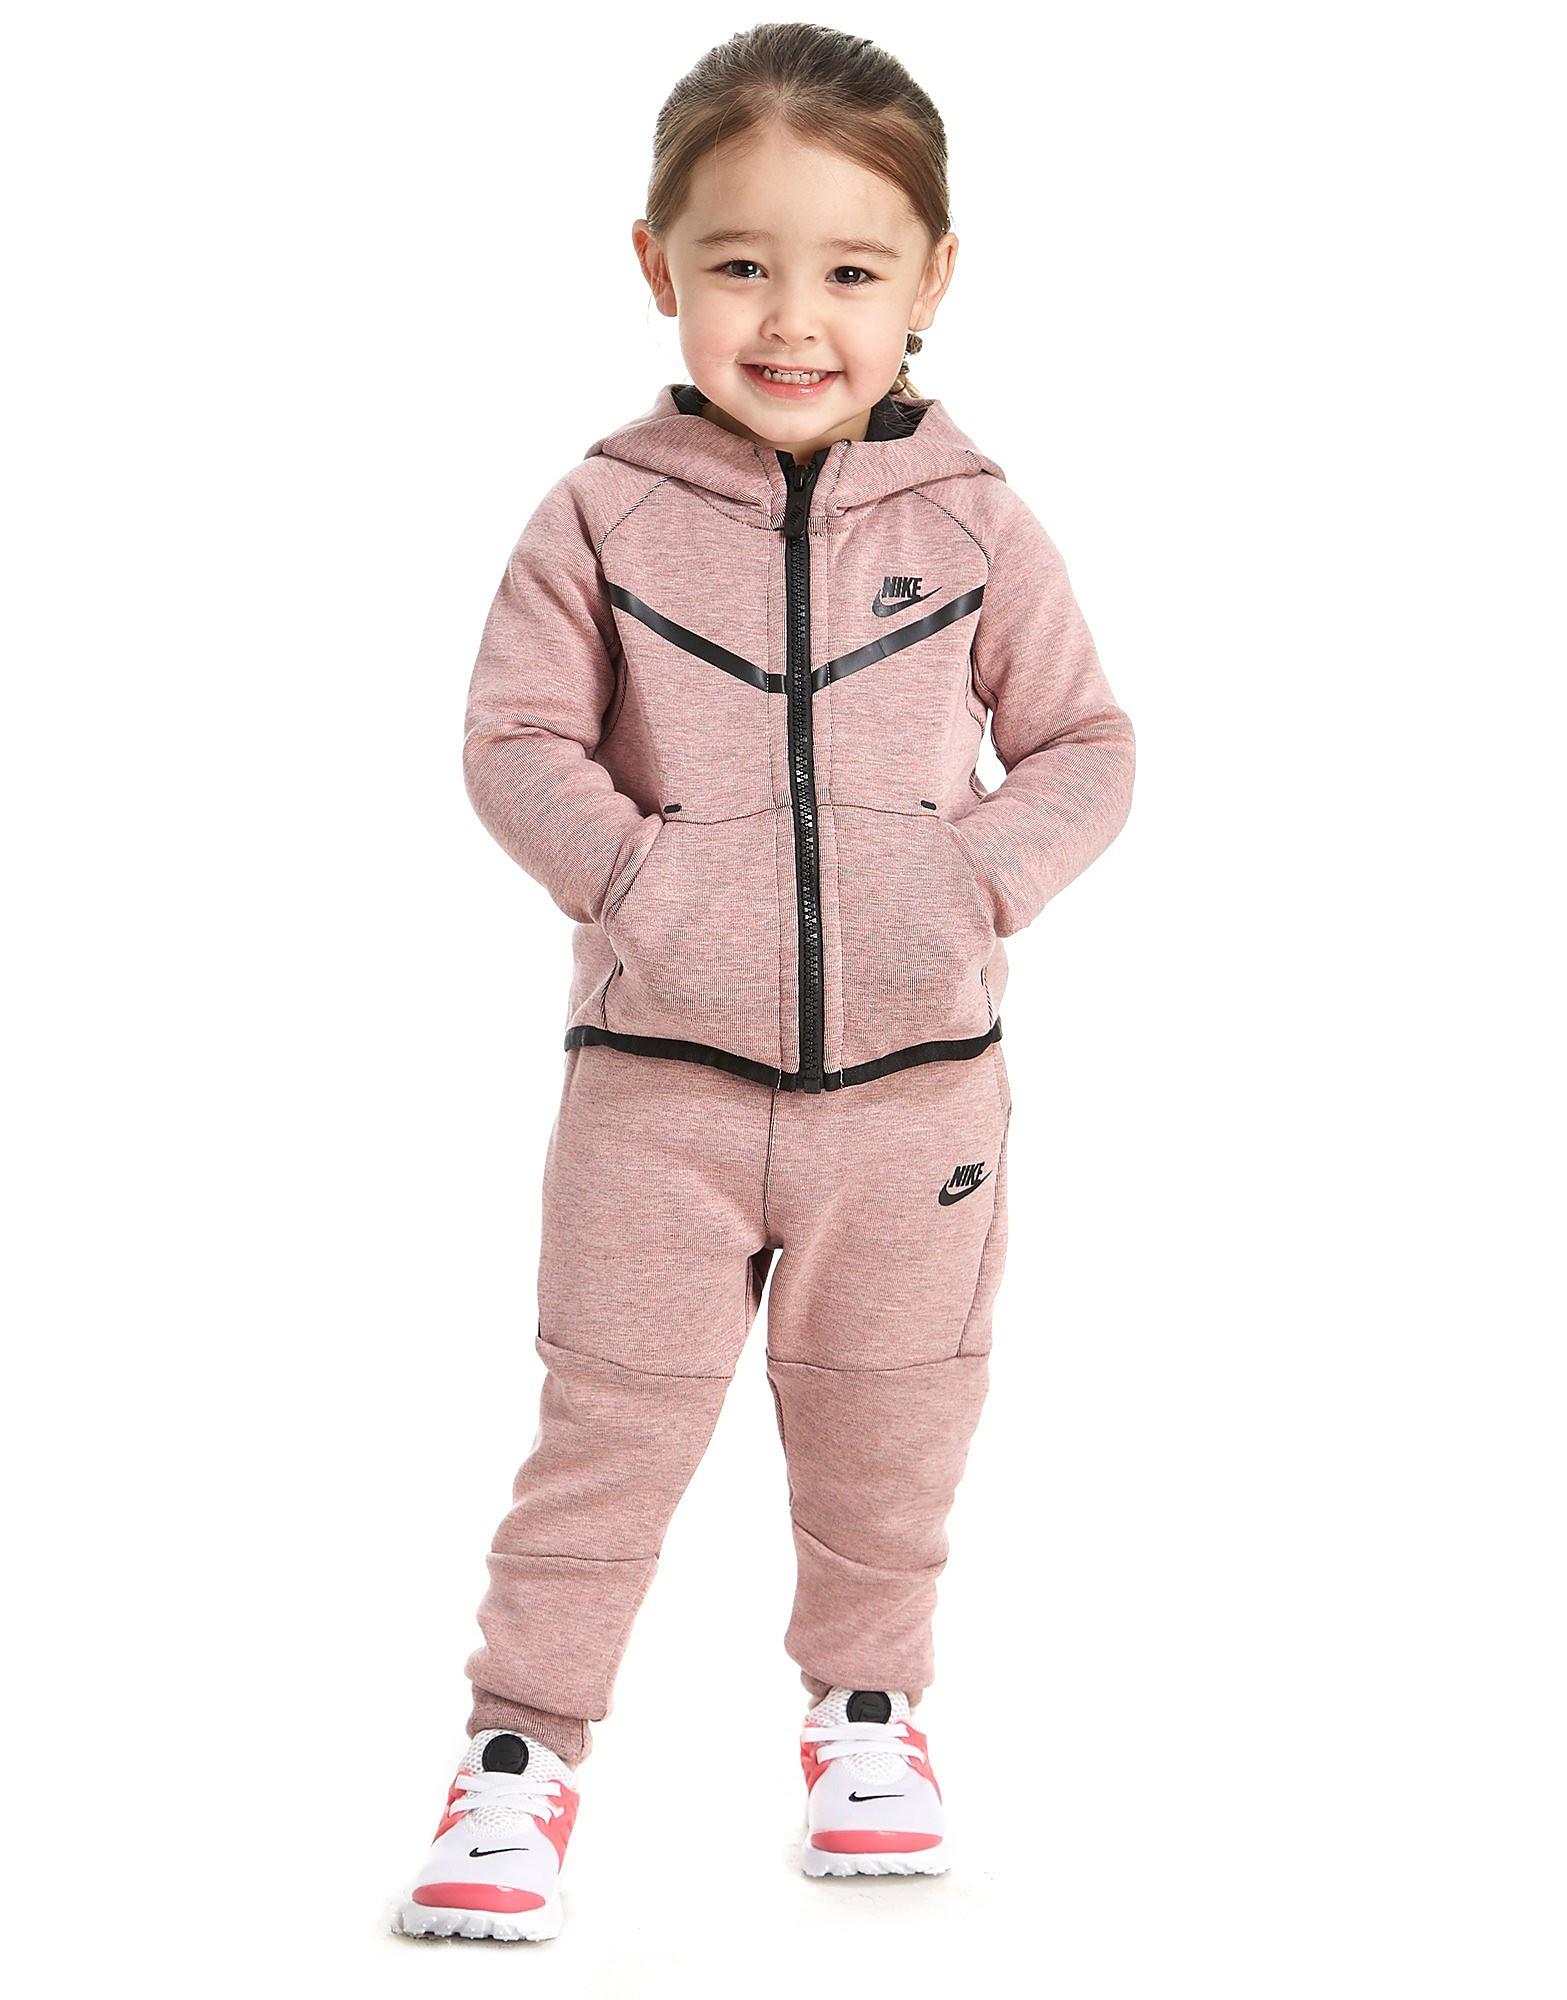 Nike Girls' Tech Fleece Suit Infant